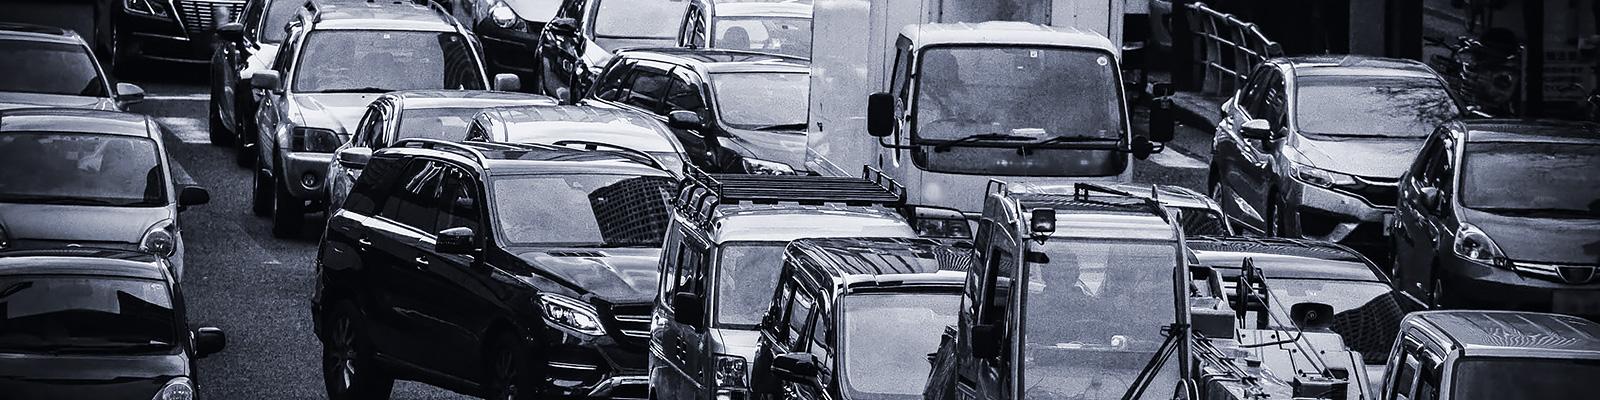 交通 安全 イメージ